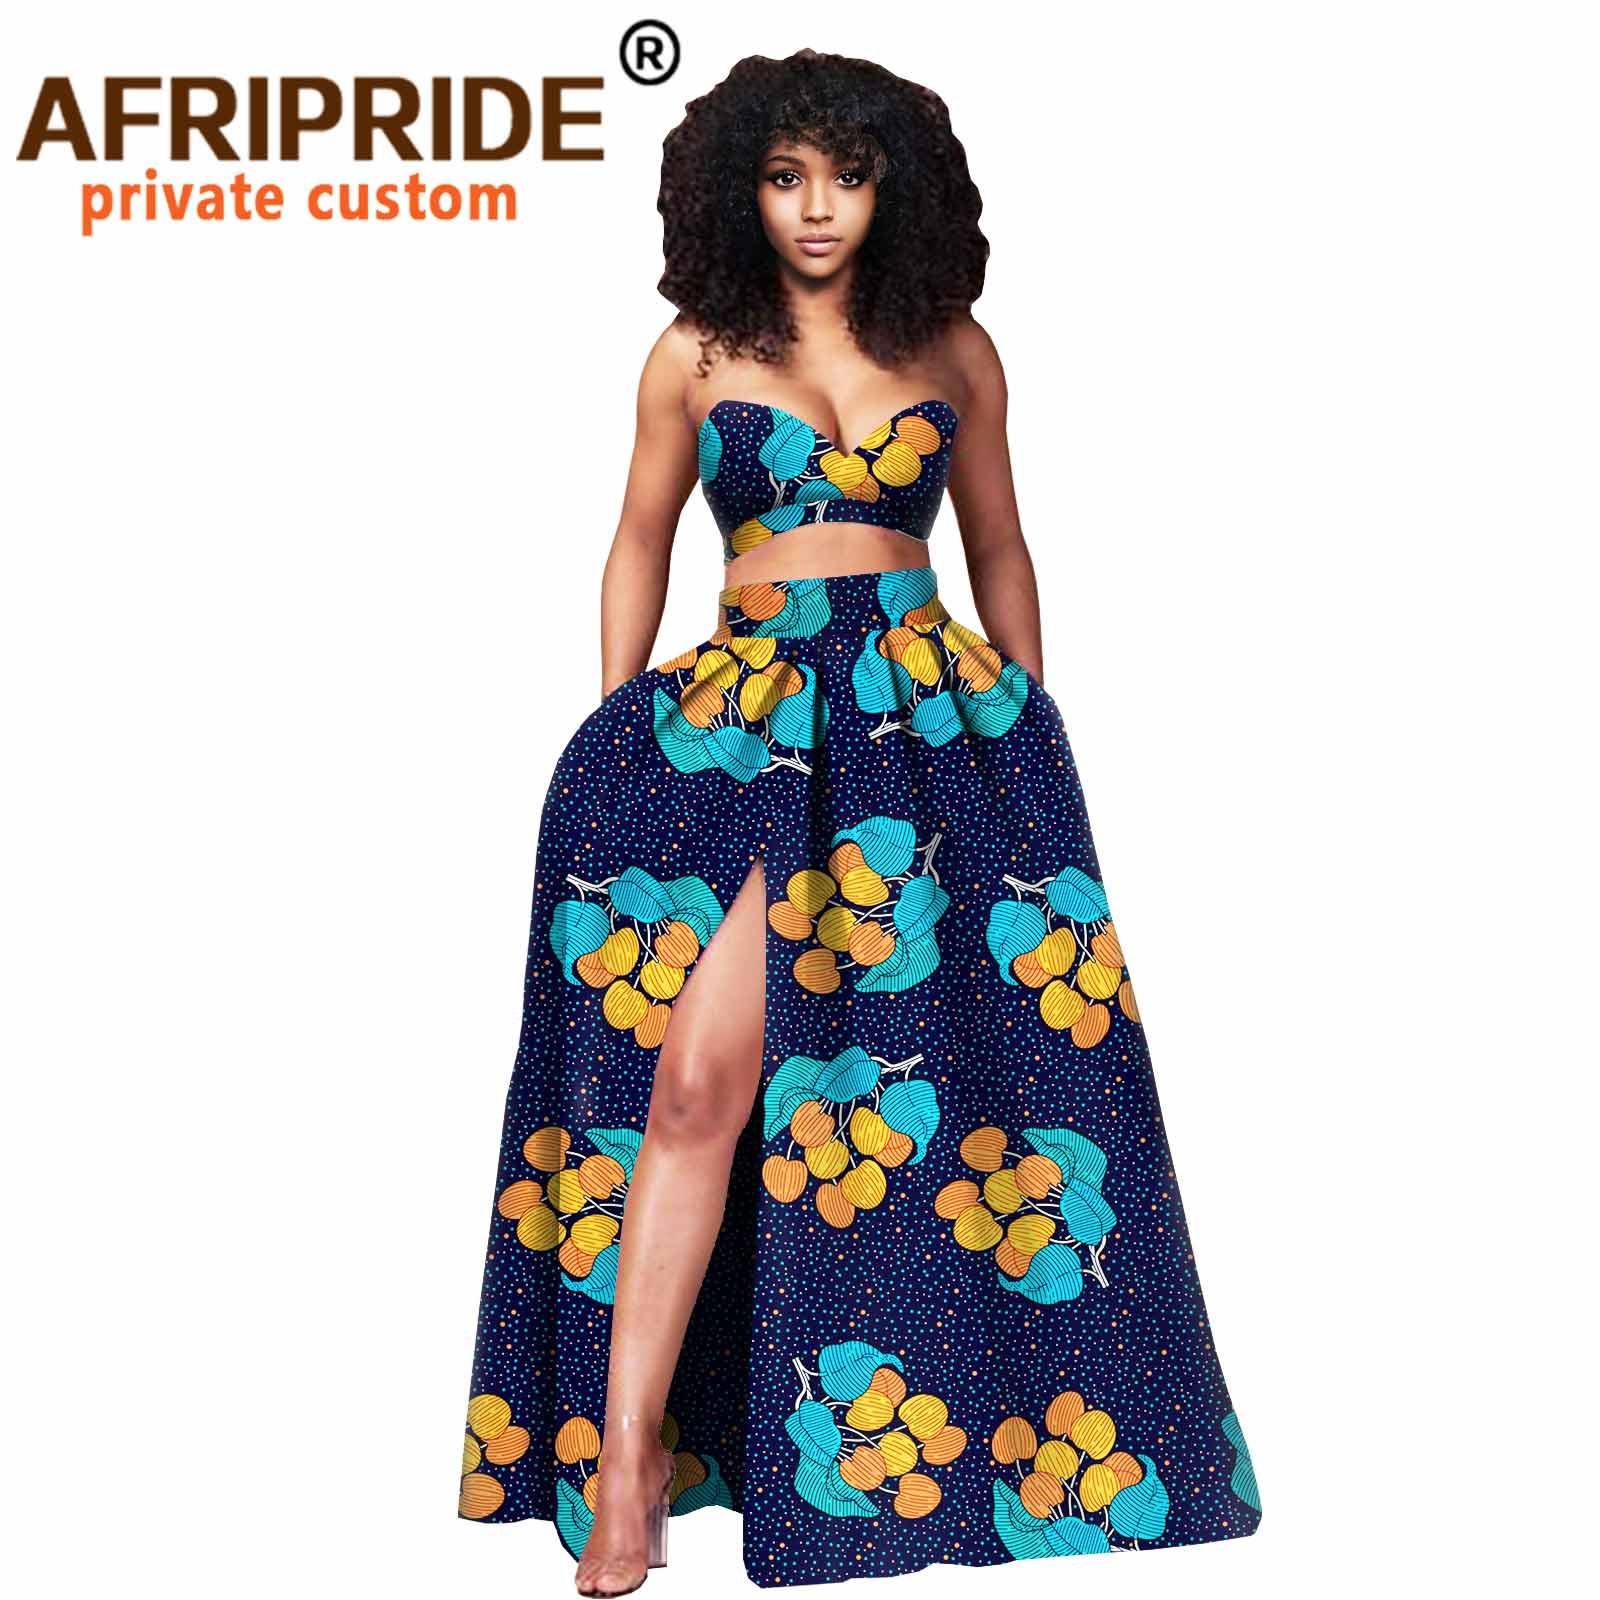 Женская одежда в африканском стиле укороченный топ и юбка макси